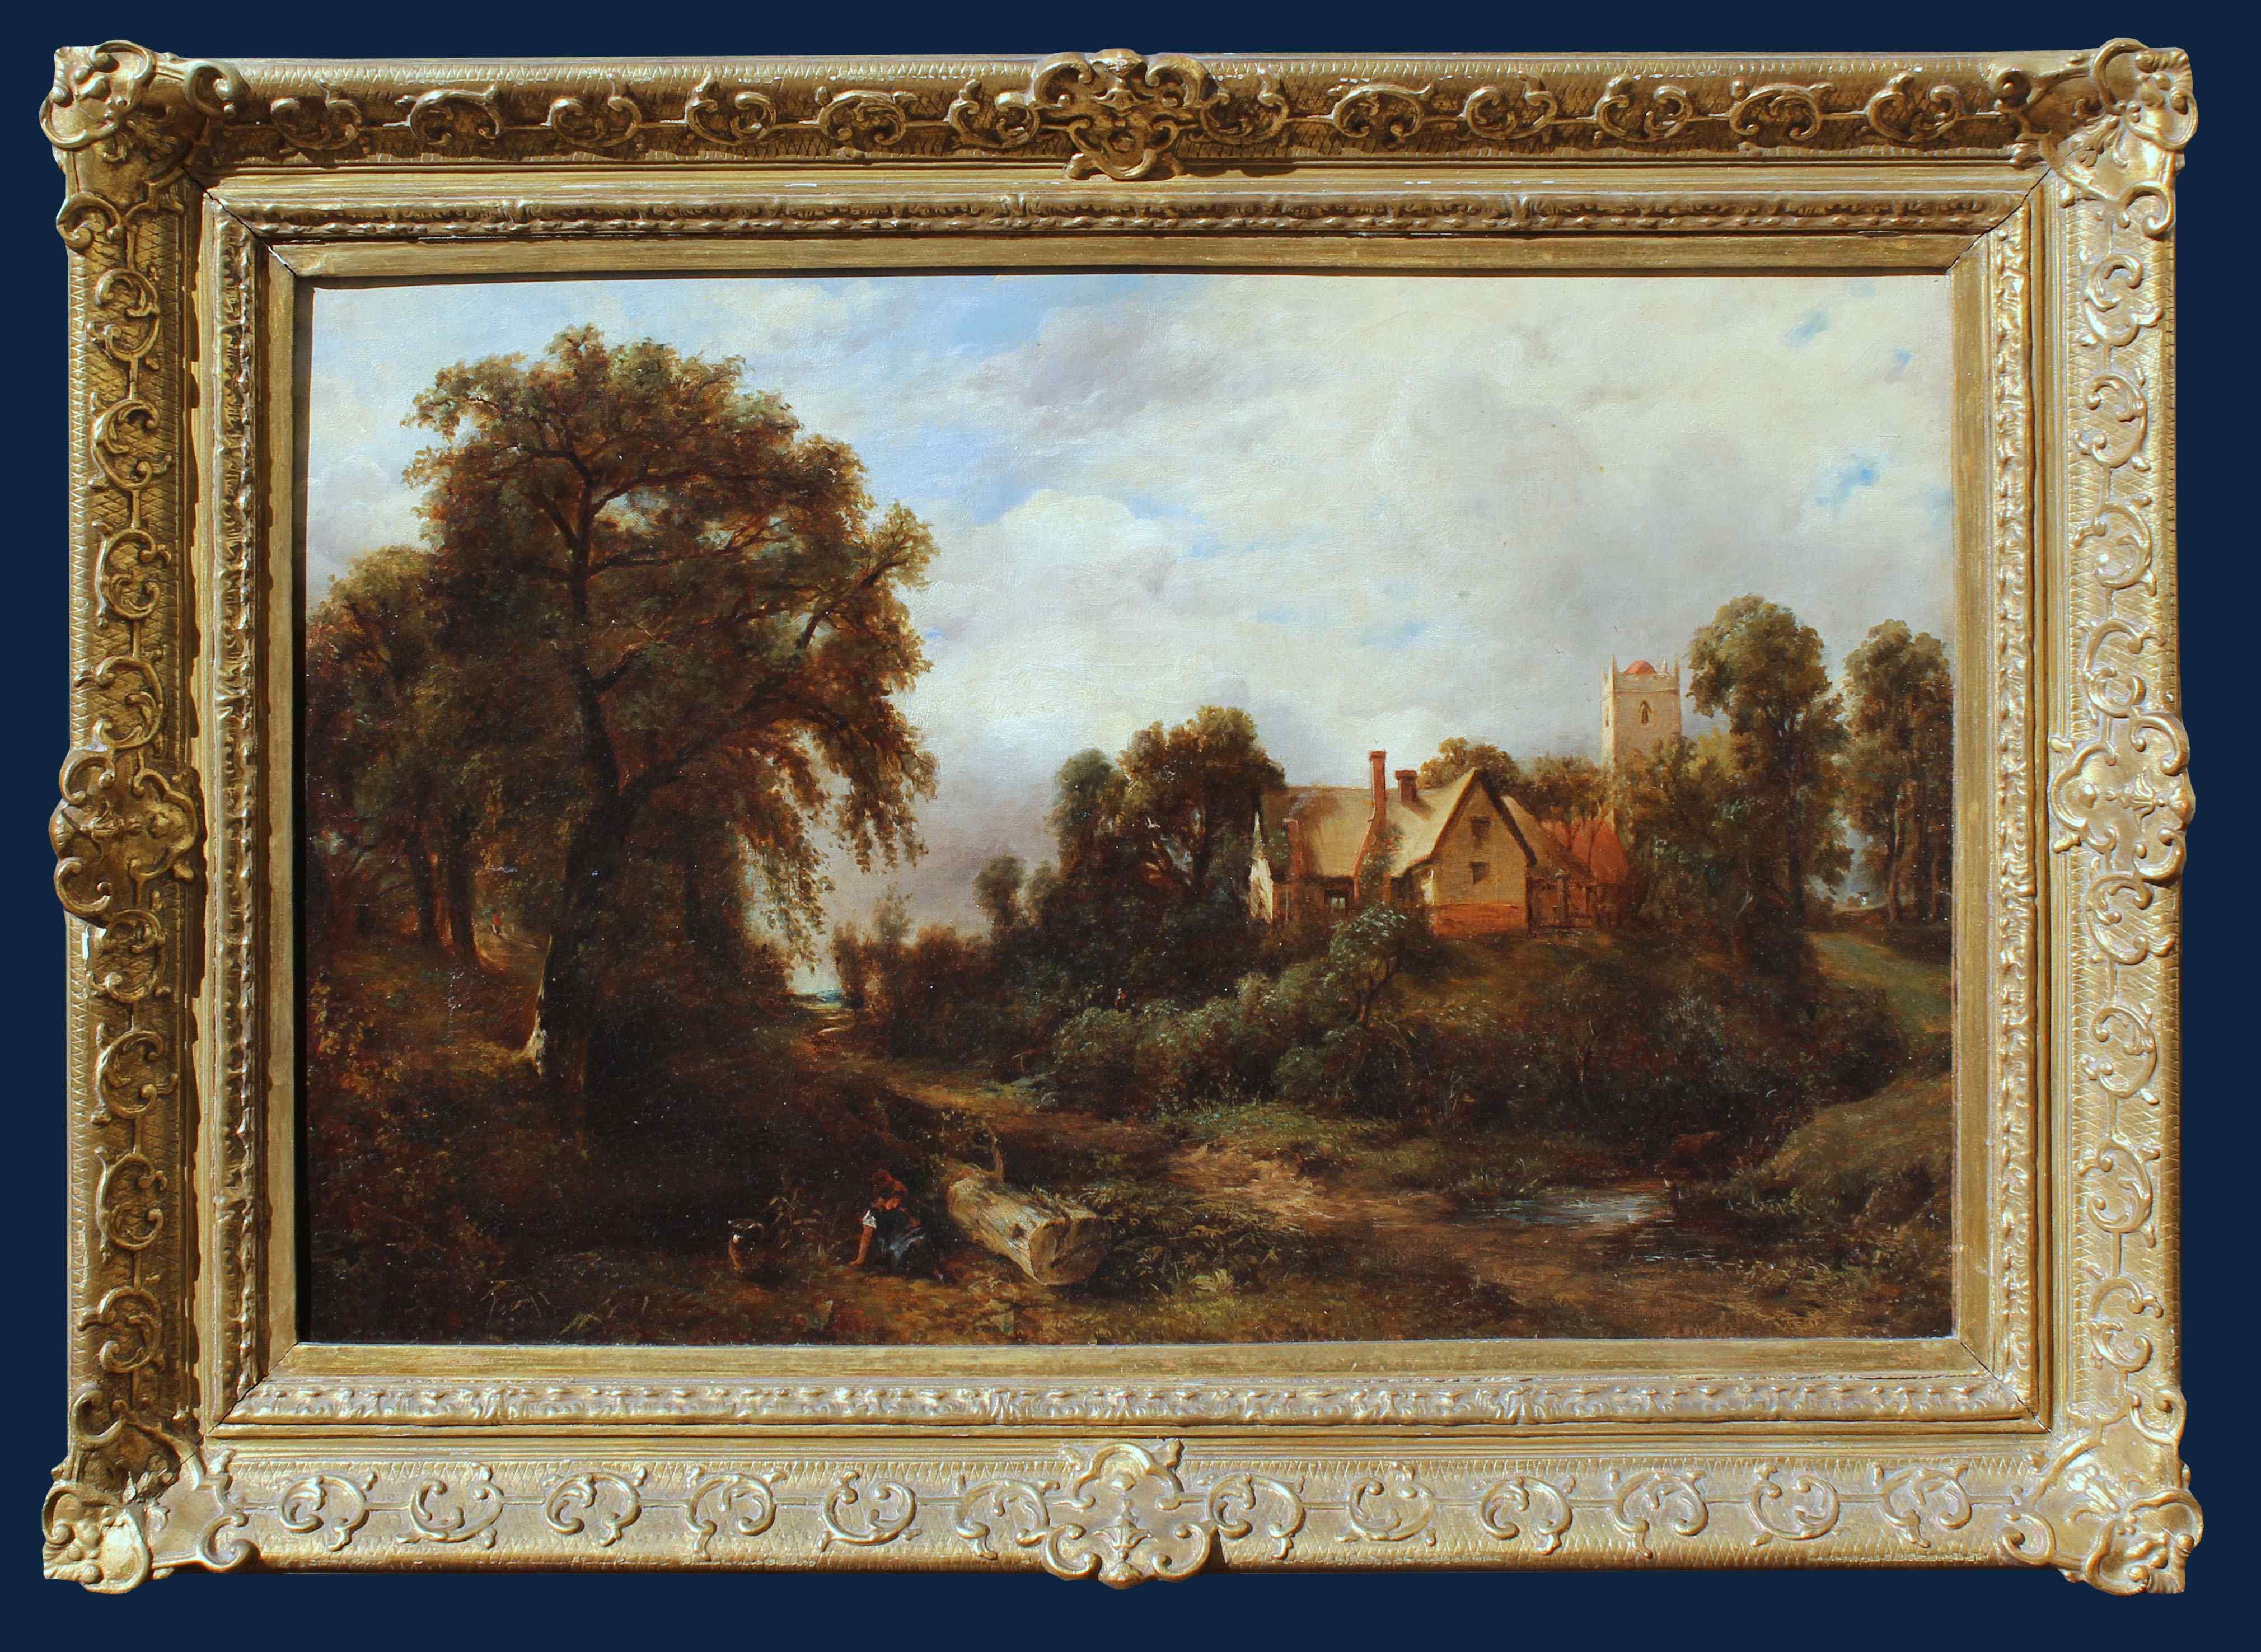 Scuola inglese, XIX secolo Paesaggio